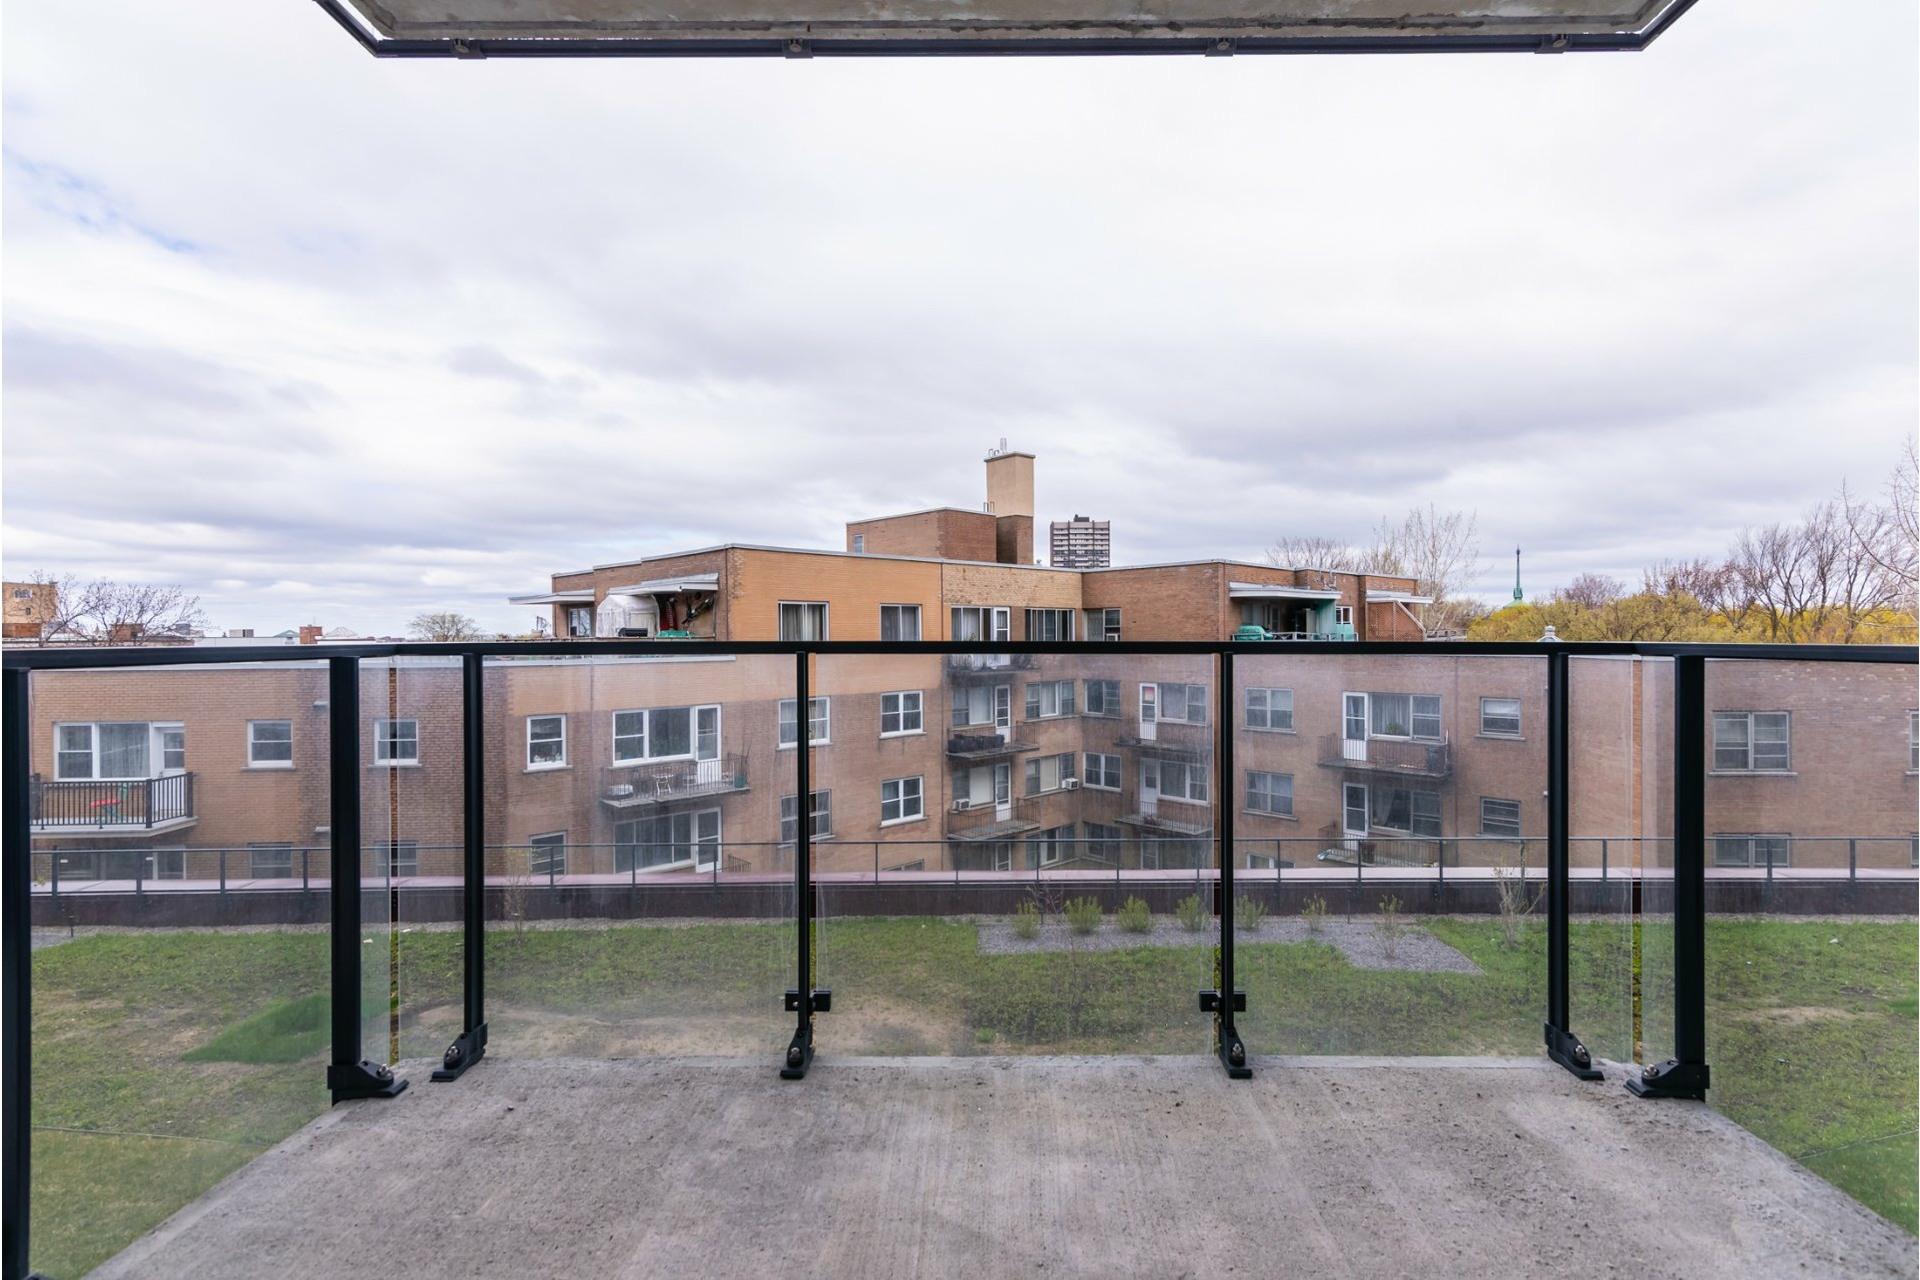 image 15 - Appartement À louer Côte-des-Neiges/Notre-Dame-de-Grâce Montréal  - 6 pièces